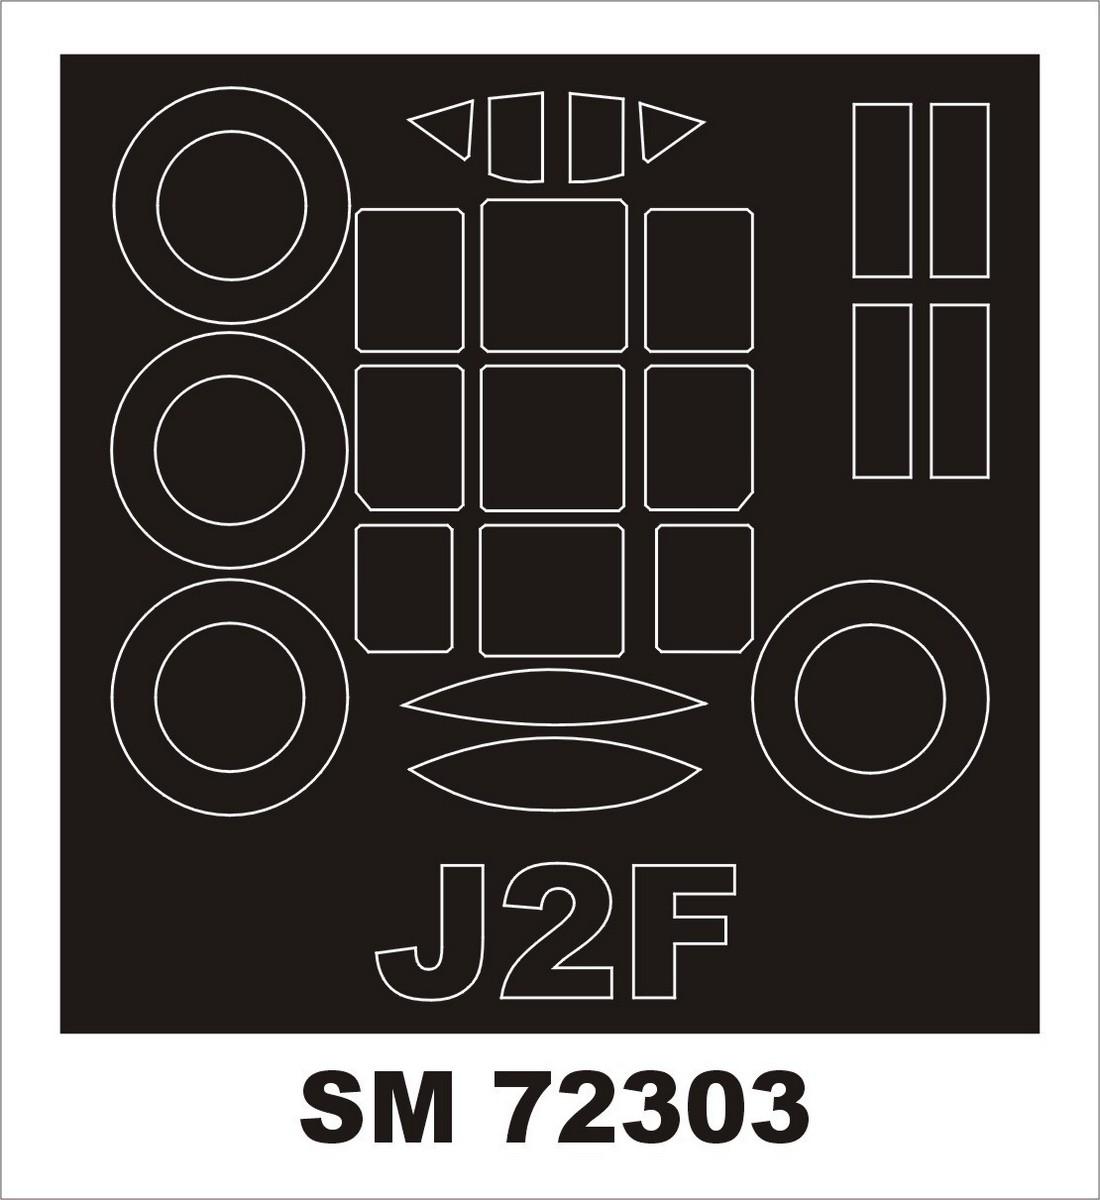 MXSM72303